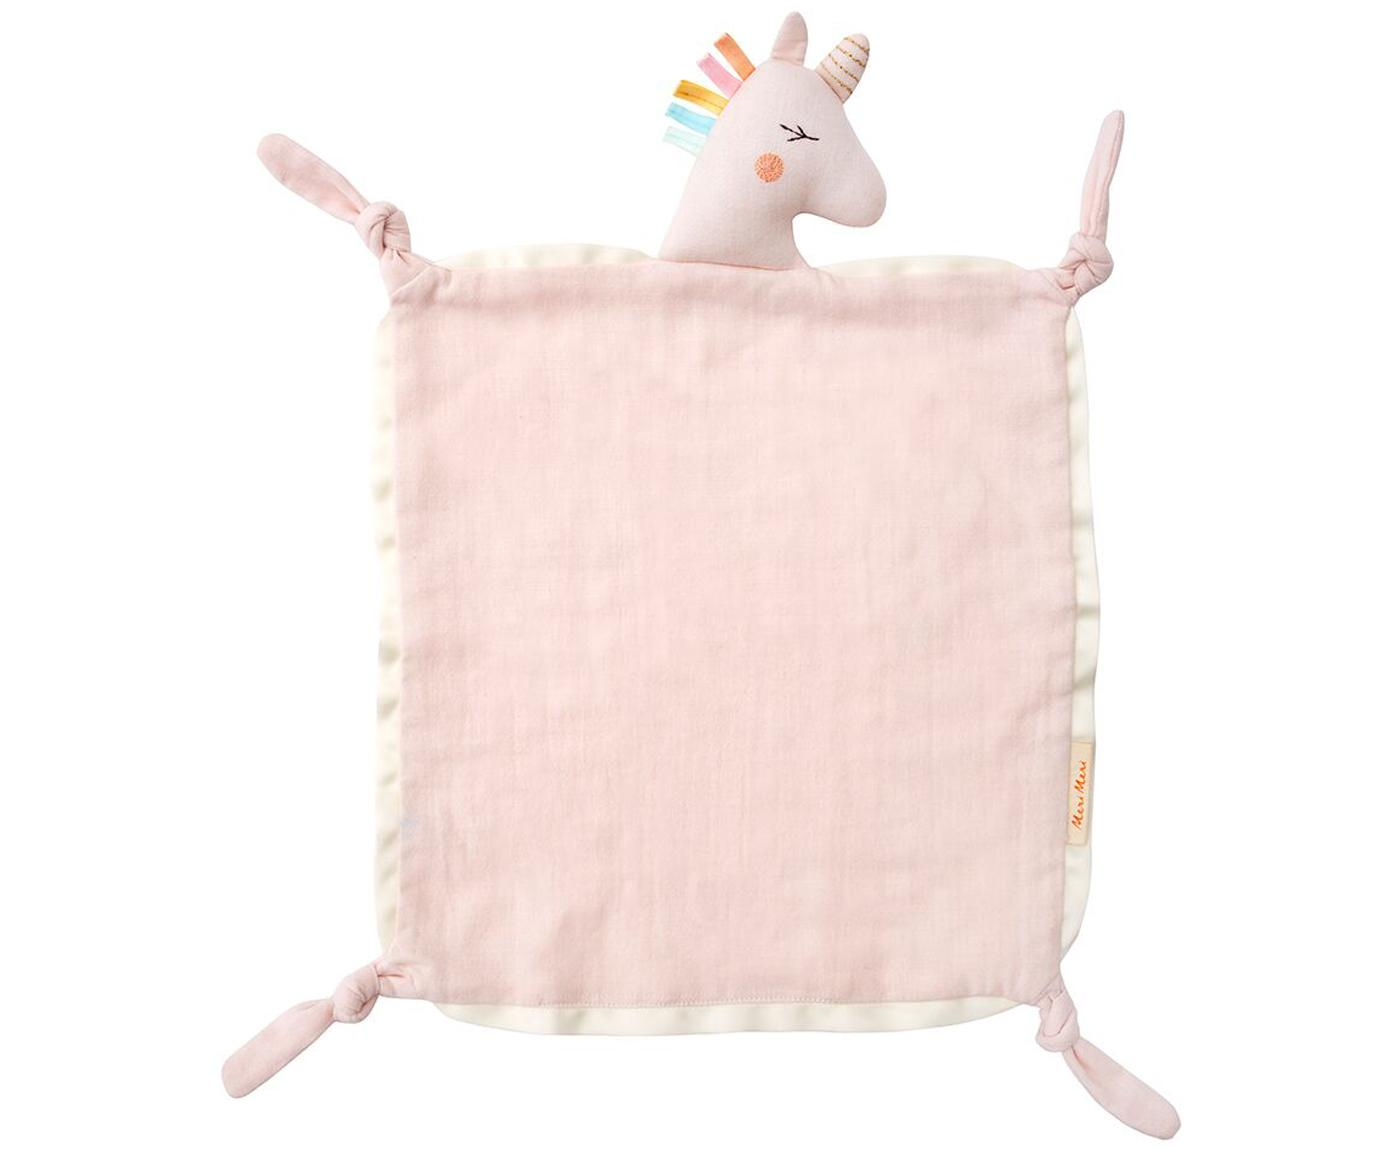 Przytulanka kocyk z bawełny organicznej Unicorn, Różowy, wielobarwny, S 40 x D 46 cm